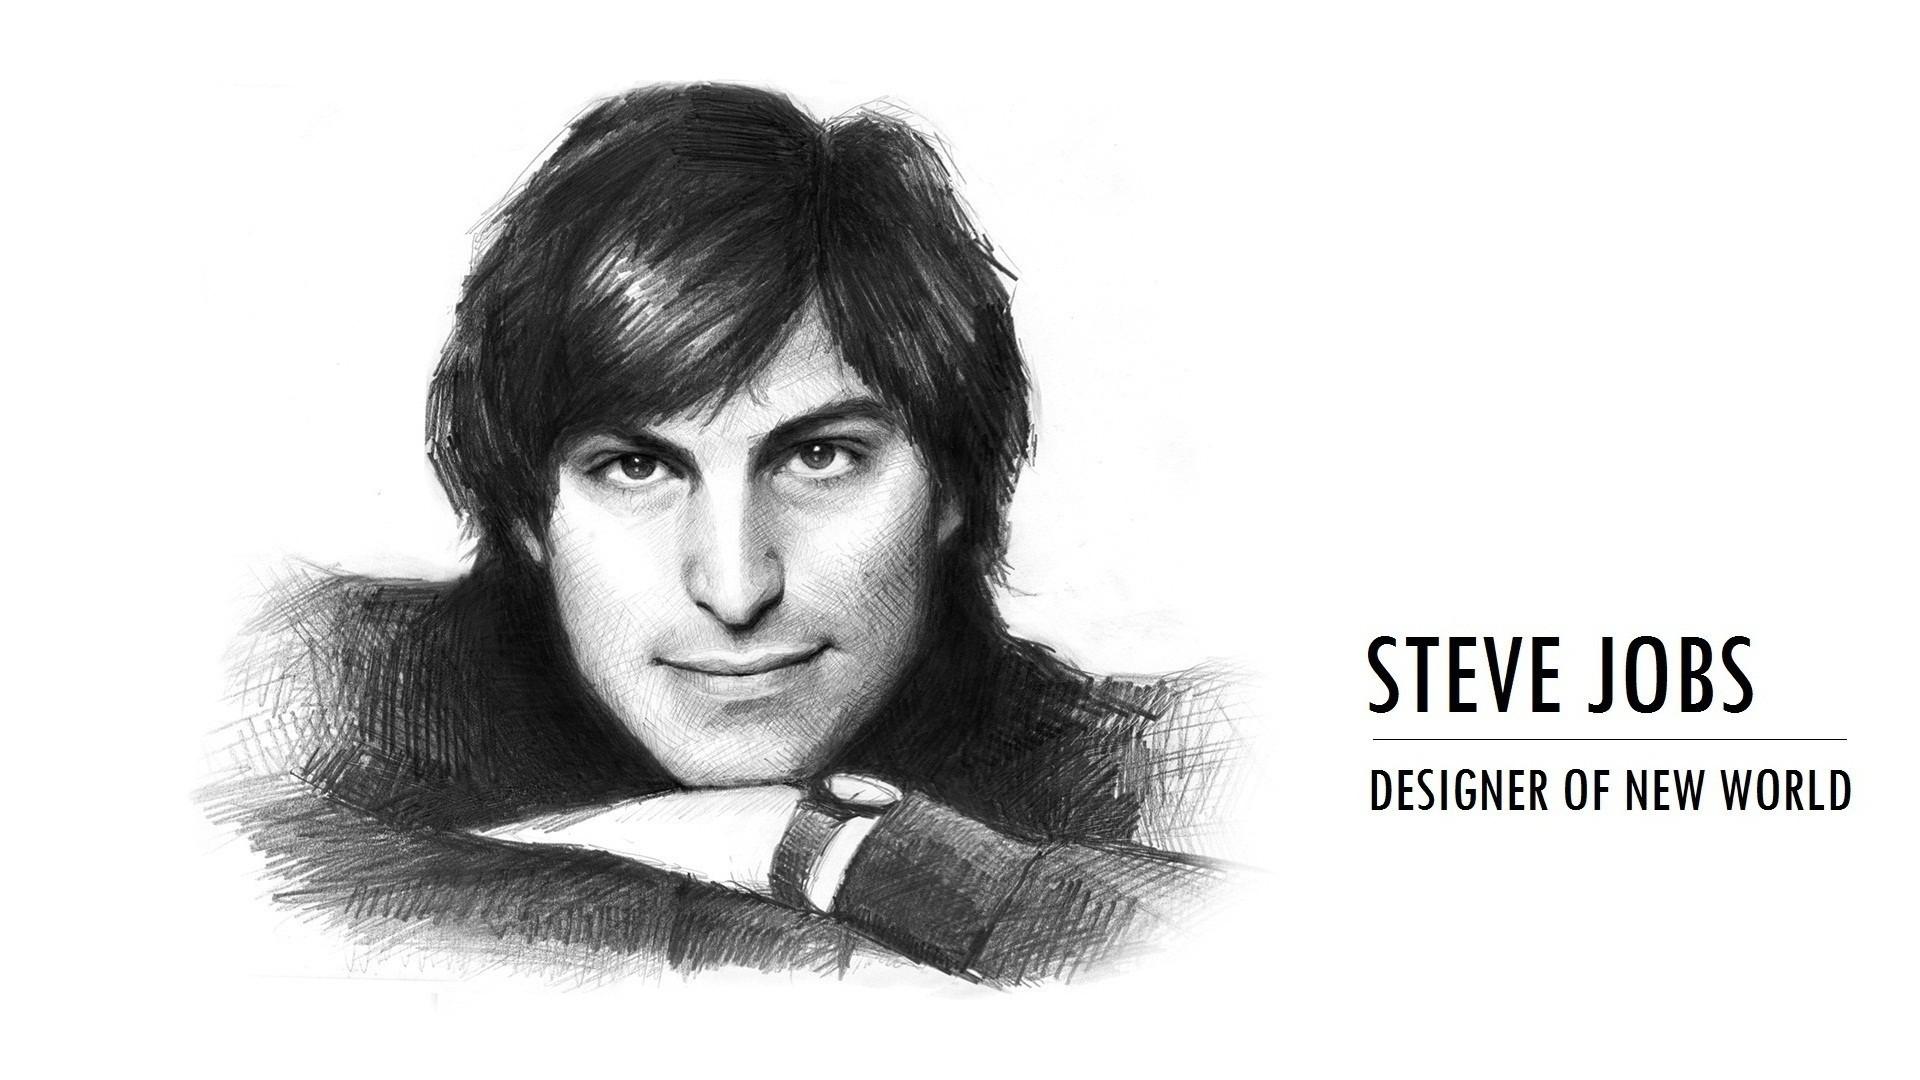 Steve Jobs good wallpaper hd